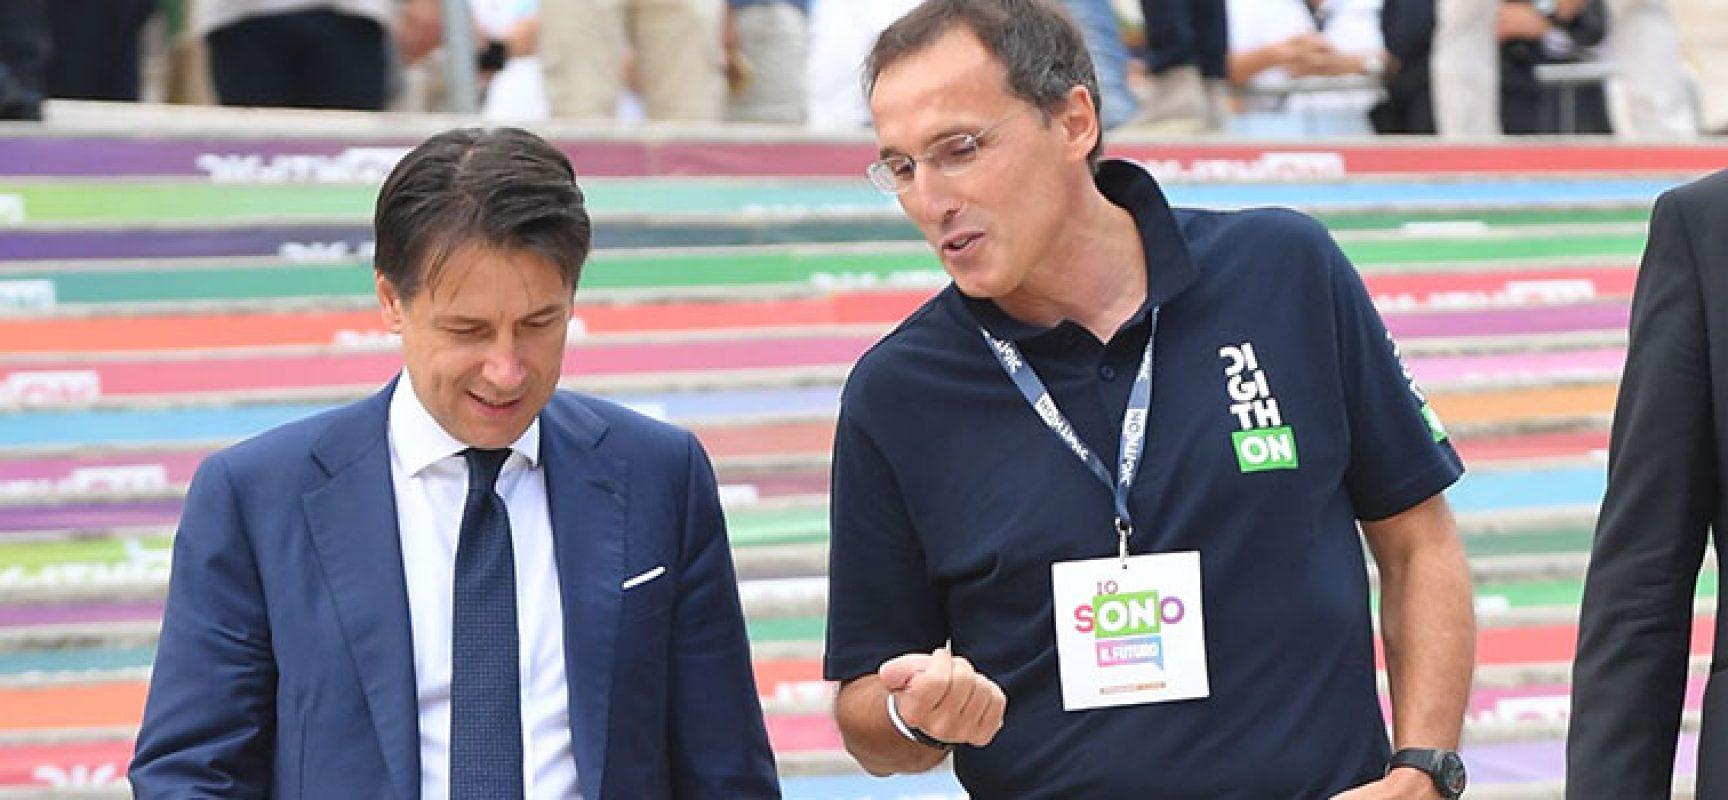 DigithON 2019, torna a Bisceglie la più grande maratona digitale italiana con grandi ospiti